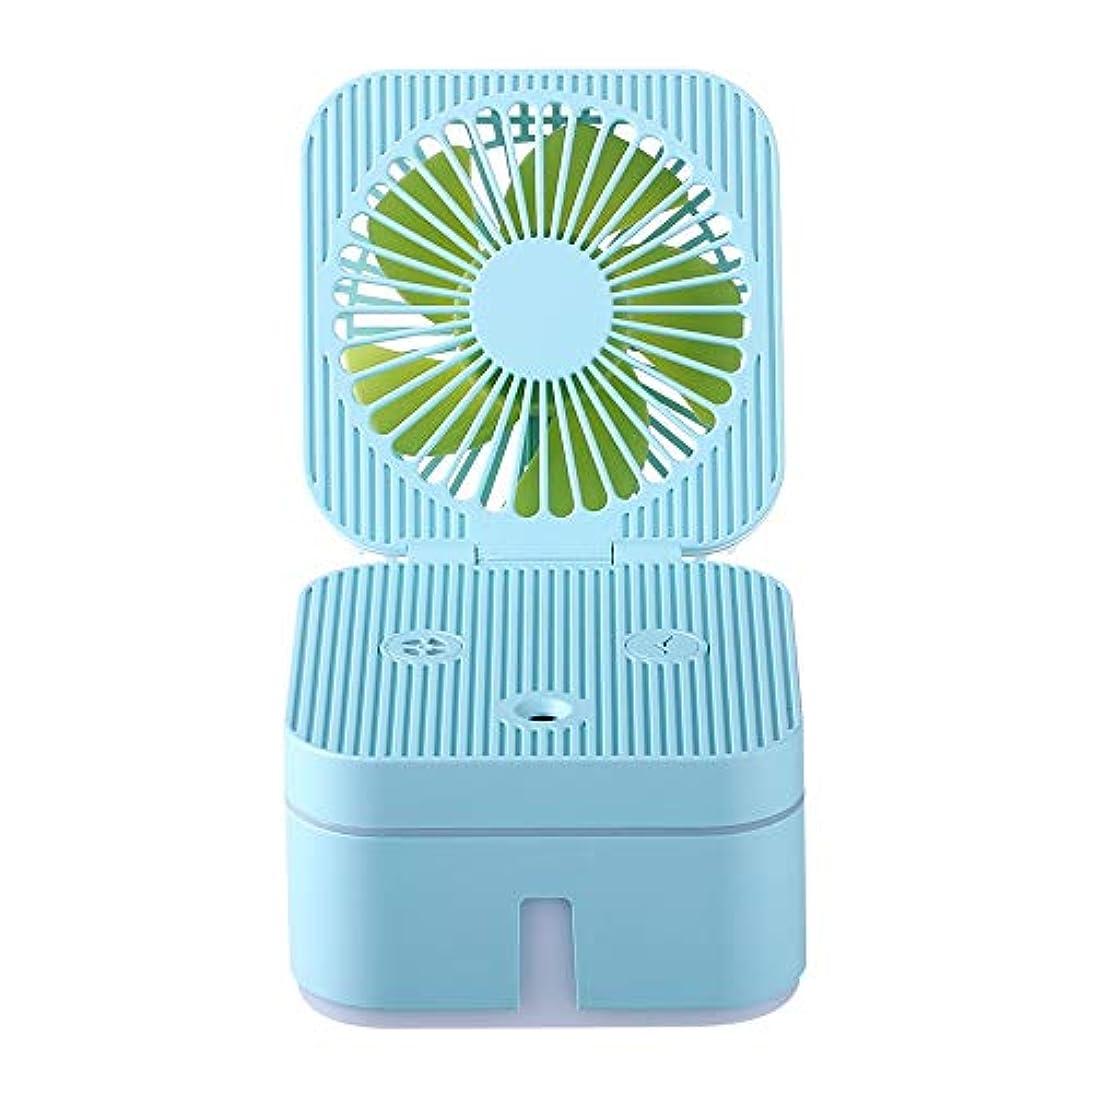 心臓寝具通貨ZXF 容量保湿美容機器ABS素材USB充電加湿器ウォータースプレーメーターブルー 滑らかである